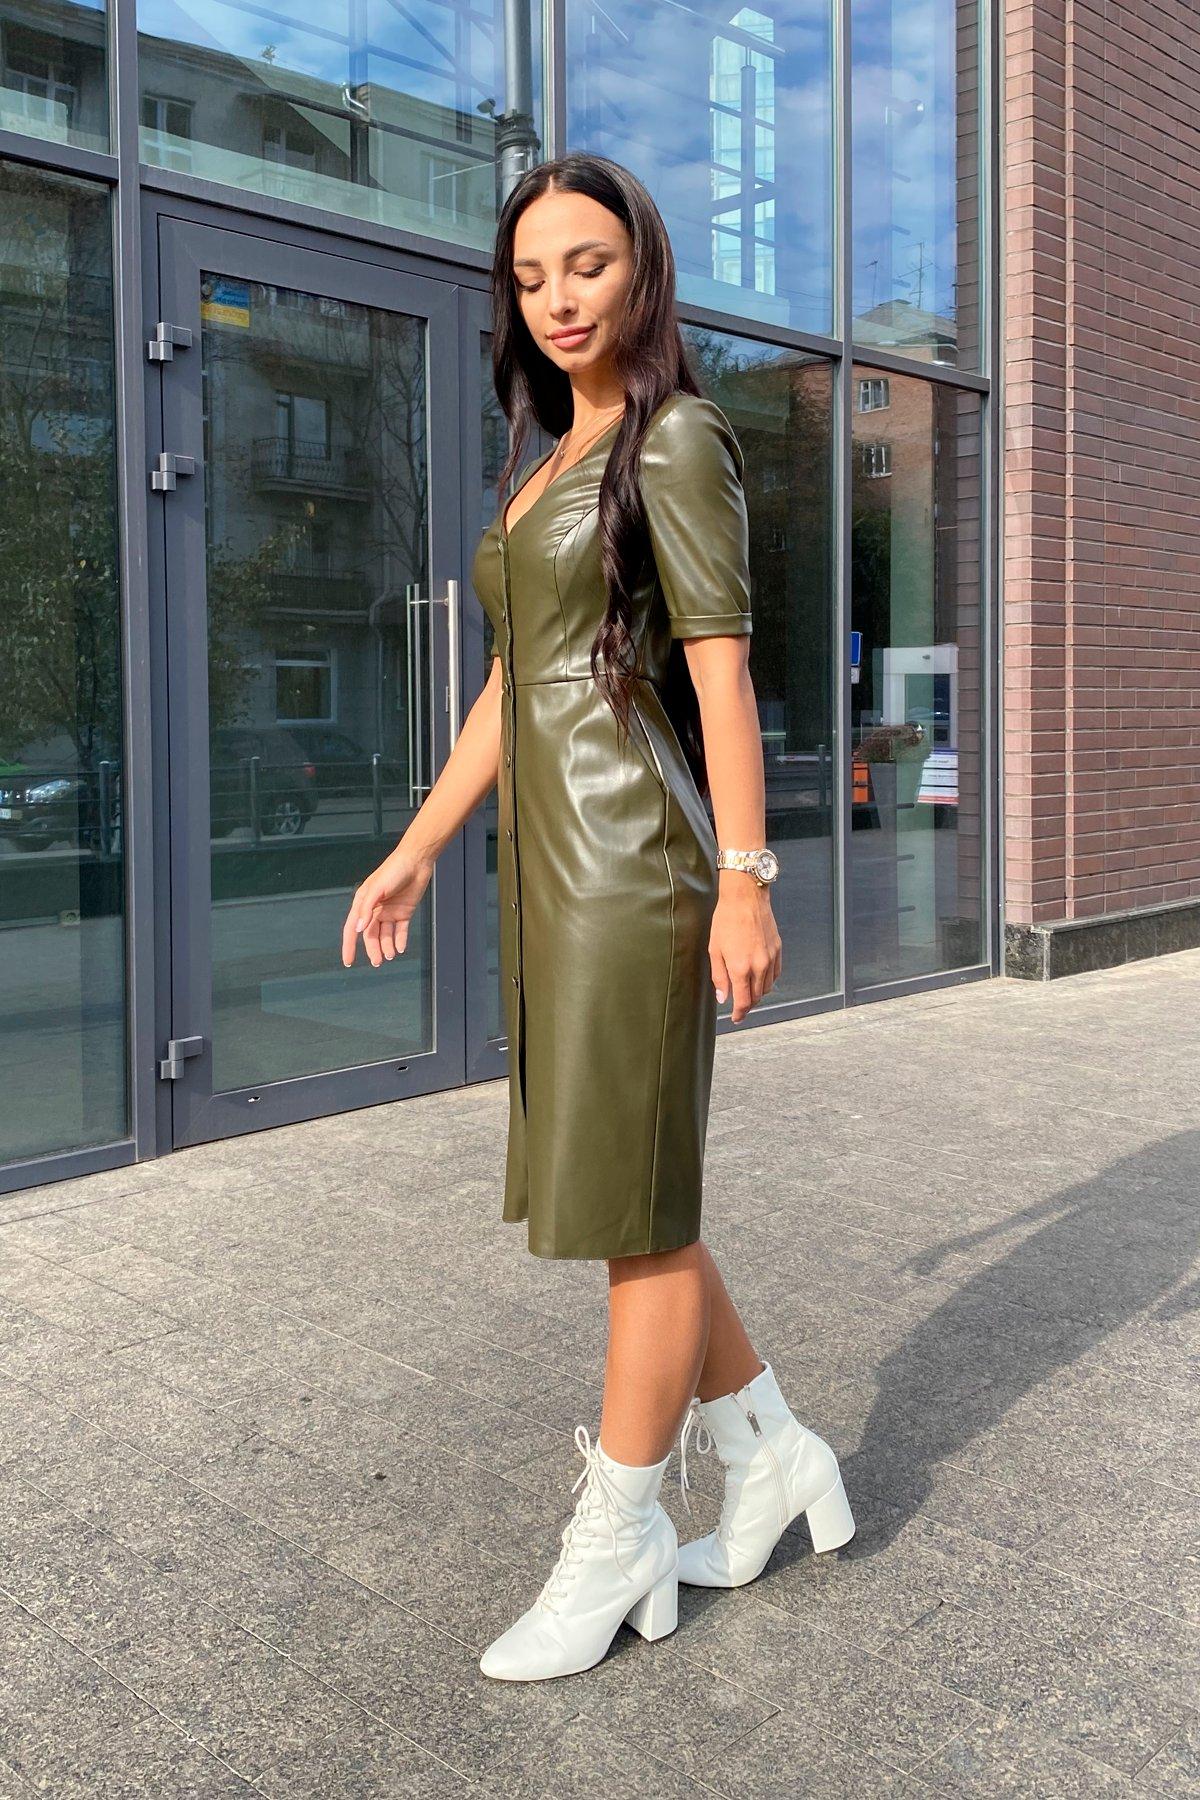 Платье из экокожи Тетрис 7847 АРТ. 43899 Цвет: Хаки - фото 2, интернет магазин tm-modus.ru